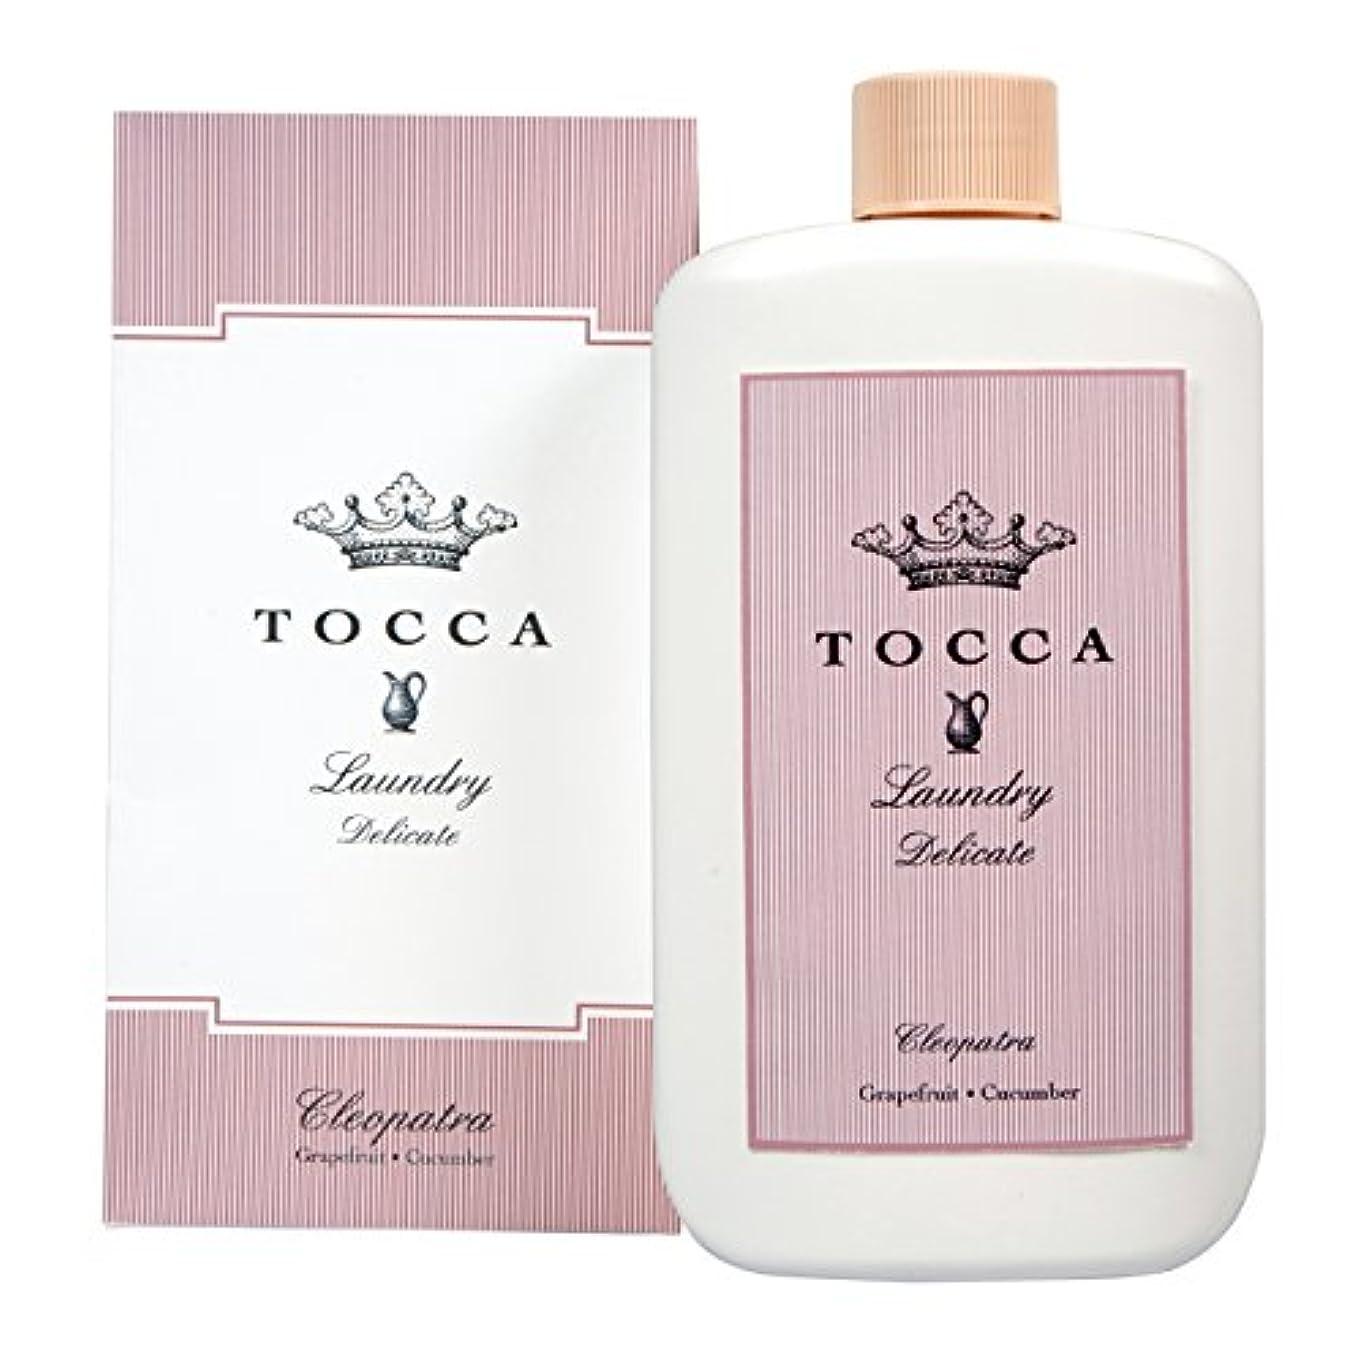 お嬢パッチ冷えるトッカ(TOCCA) ランドリーデリケート クレオパトラの香り 235ml (デリケート素材用洗剤 洗濯用合成洗剤 グレープフルーツとキューカンバーのフレッシュでクリーンな香り)